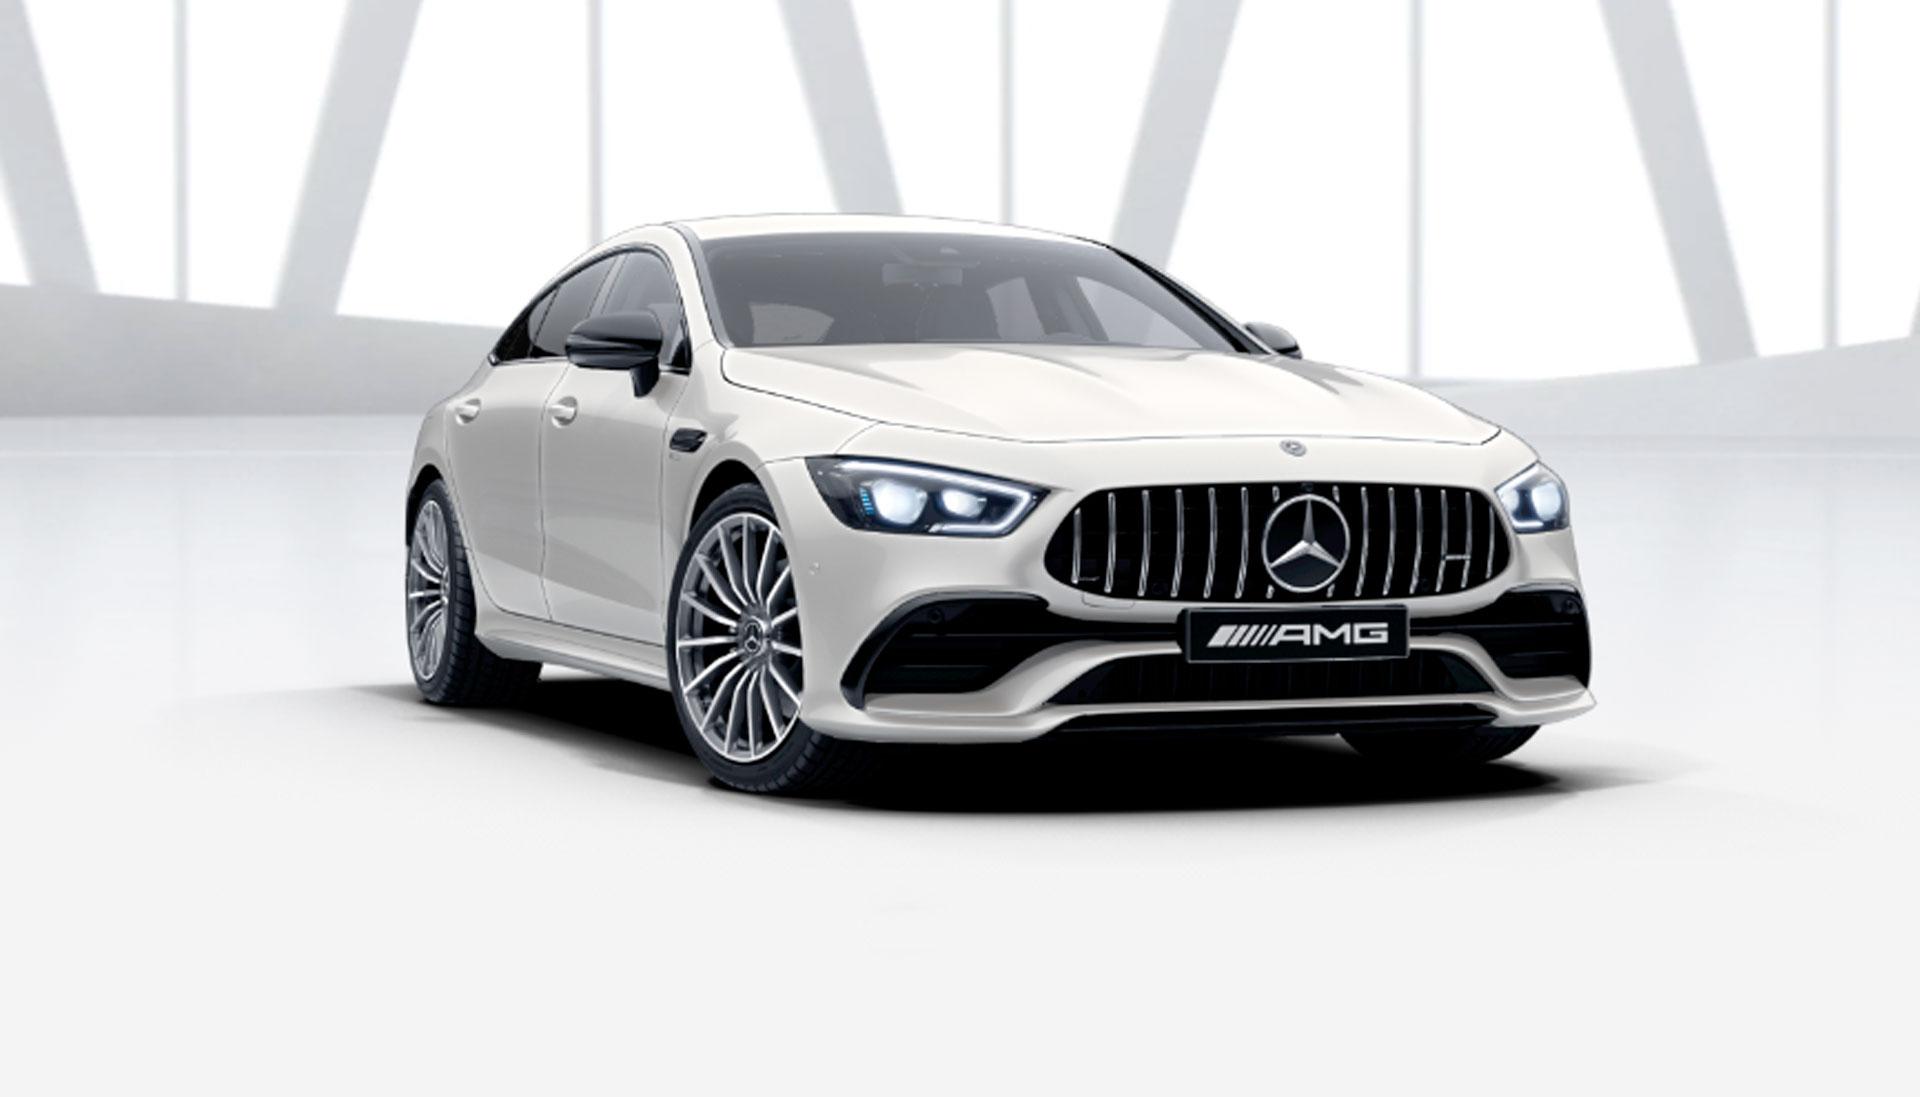 Mercedes-AMG GT 4 door 0152605105